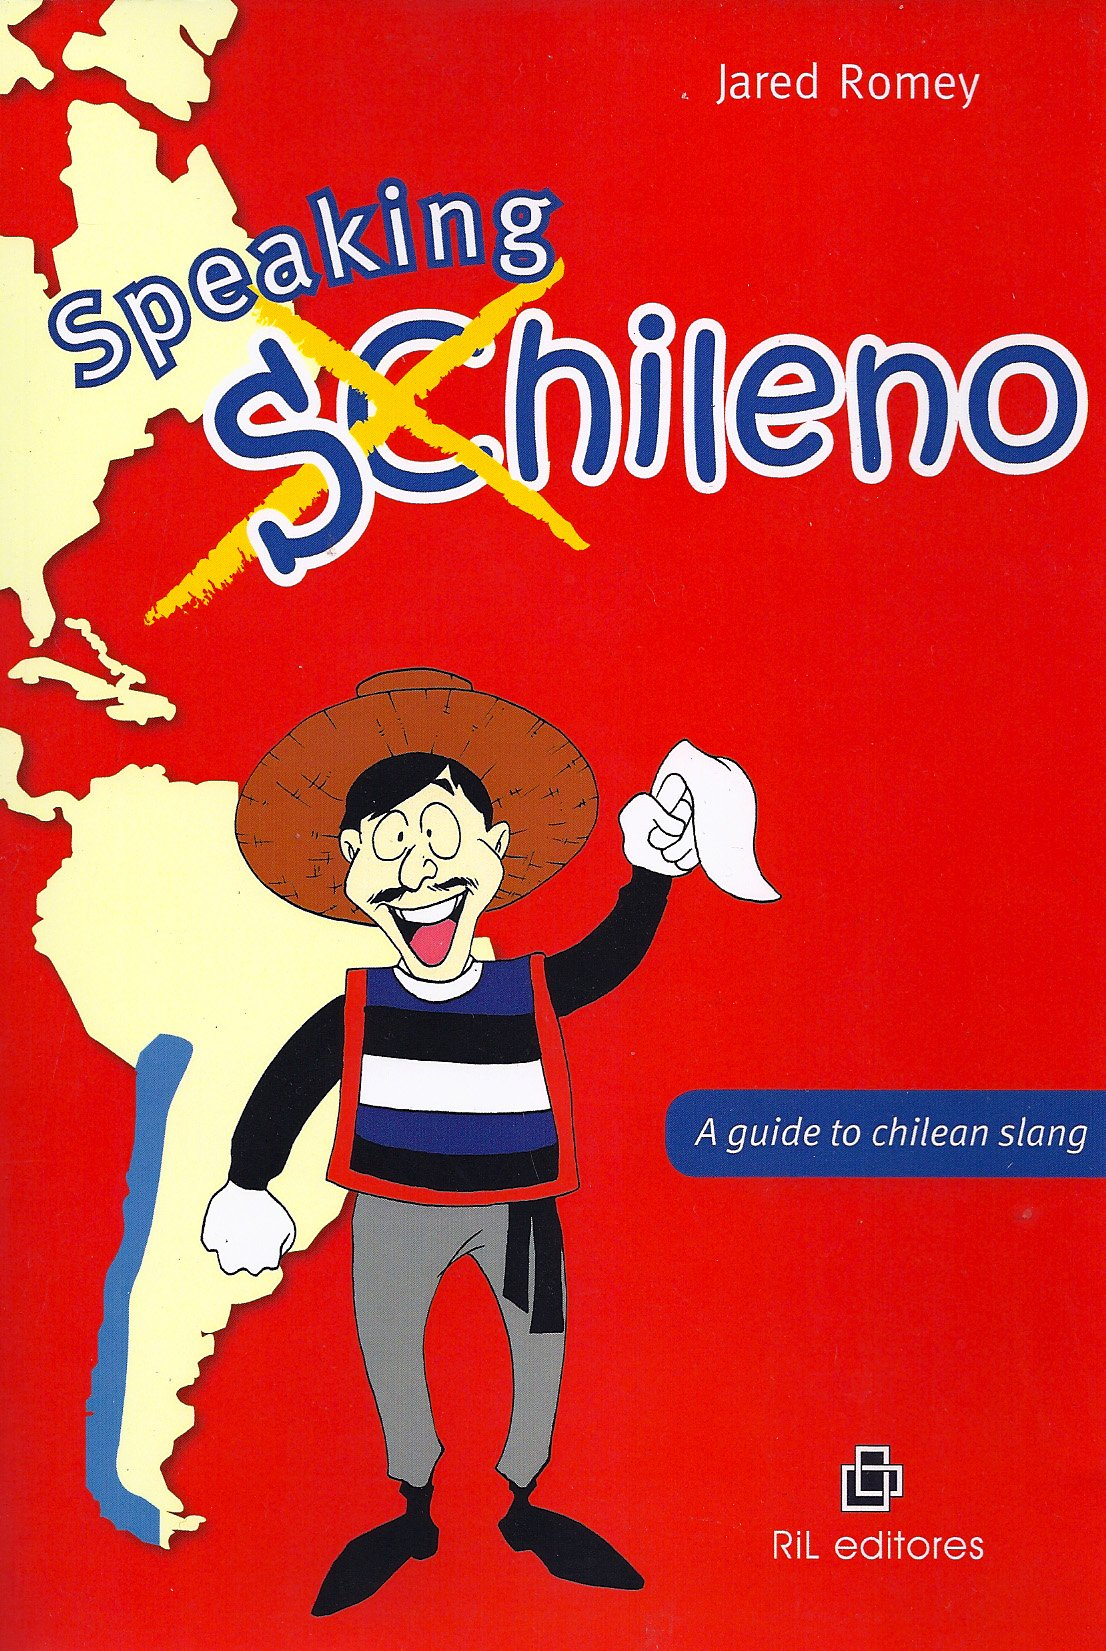 SPEAKING SCHILENO